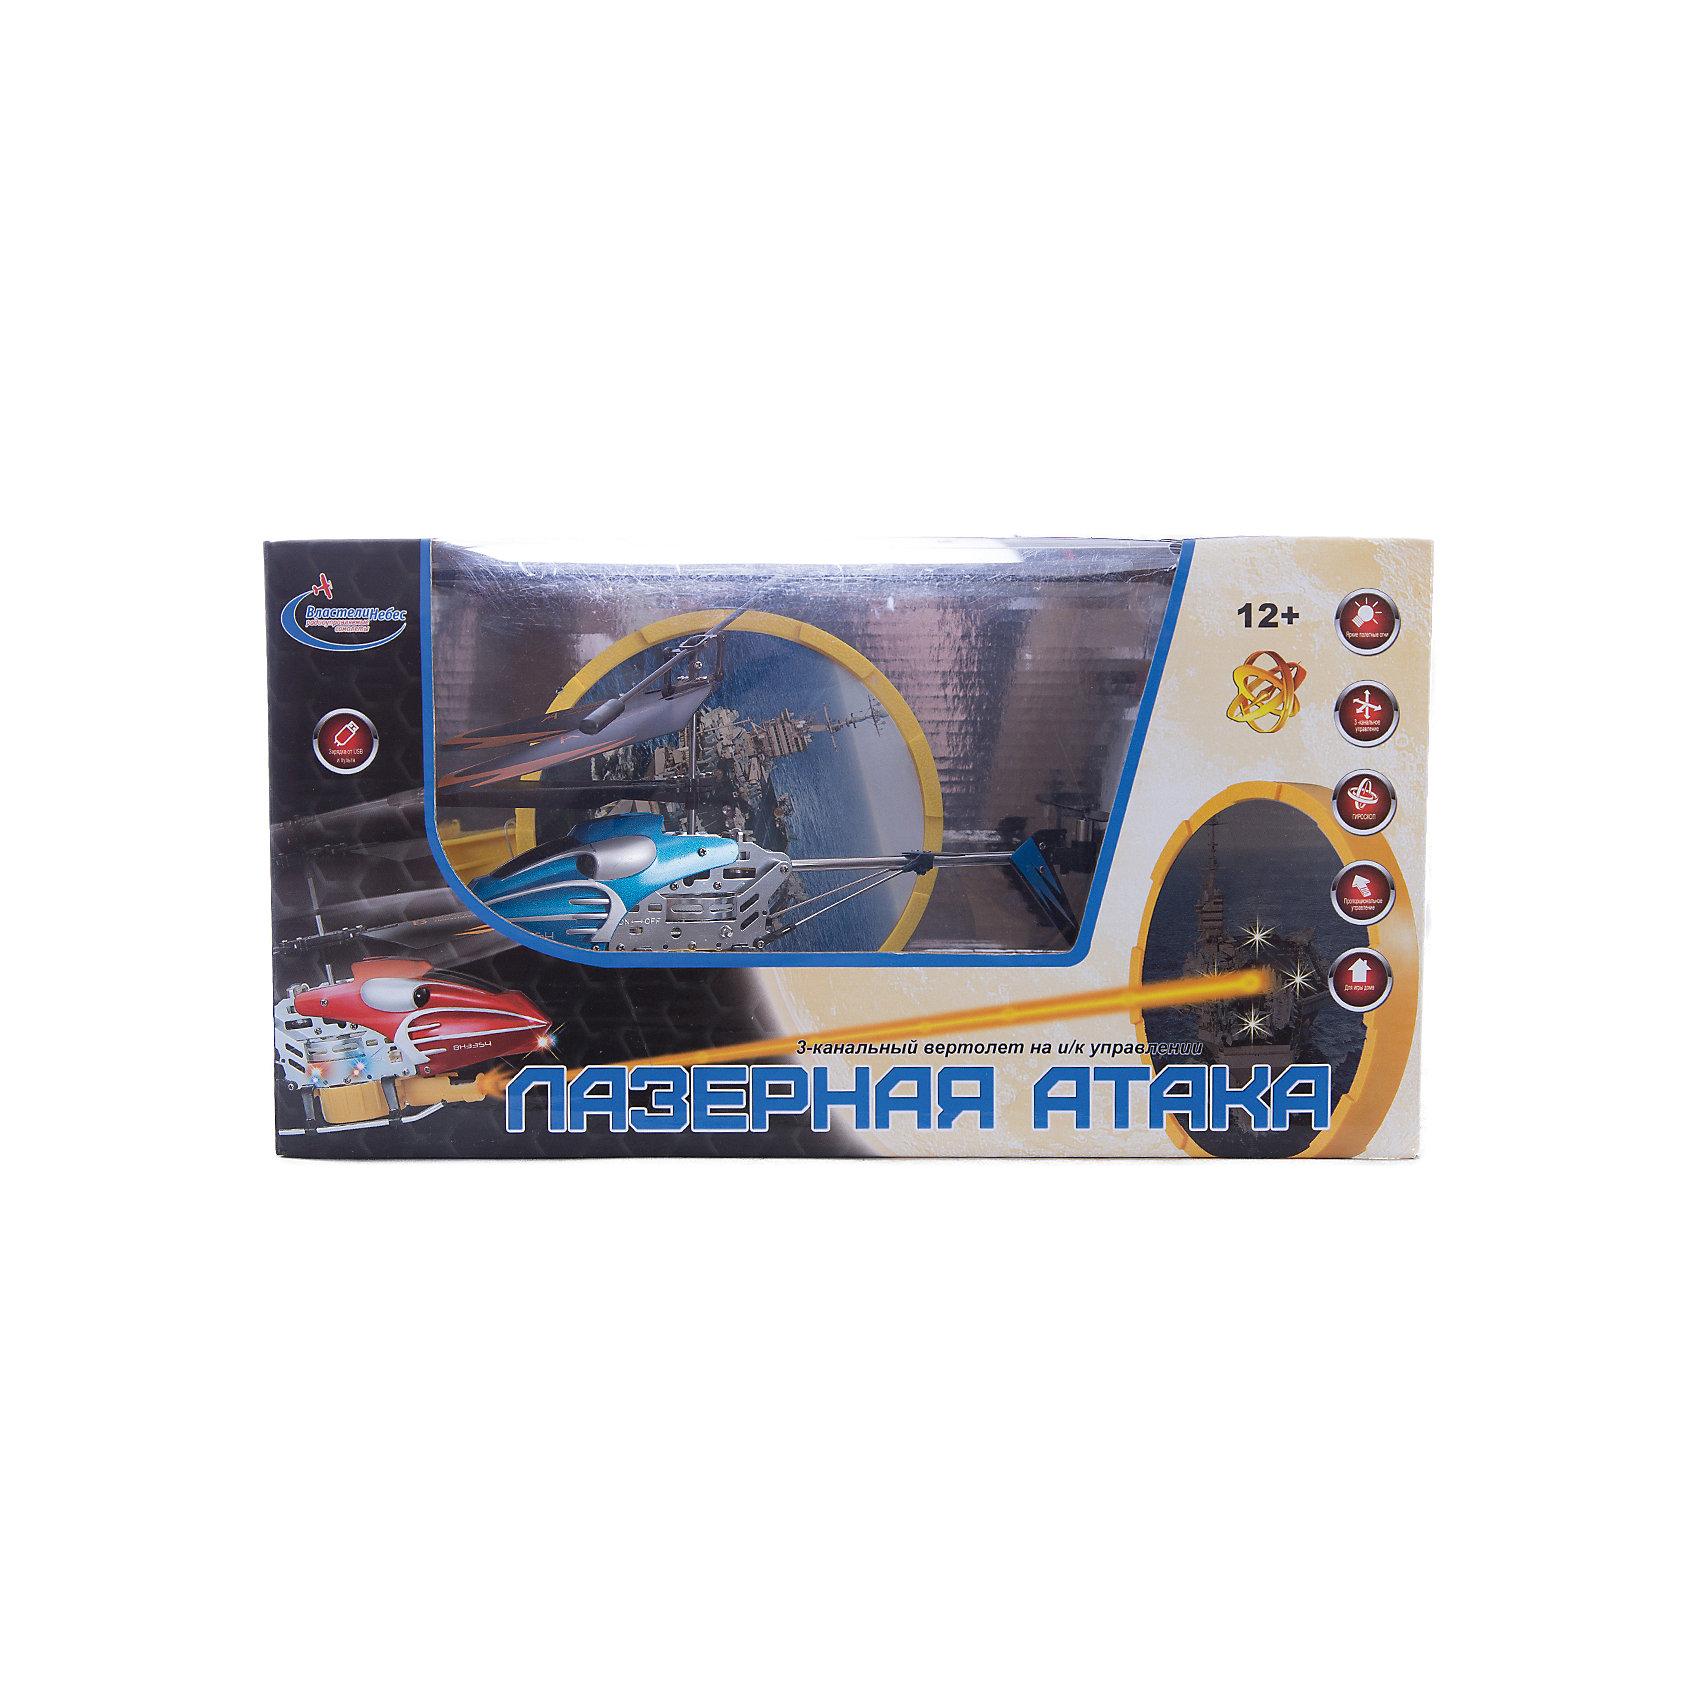 Вертолет на р/у с инфракрасной пушкой и мишенью, синий, Властелин небесРадиоуправляемый транспорт<br>Вертолет на р/у с инфракрасной пушкой и мишенью, синий, Властелин небес<br><br>Характеристики:<br><br>• сбейте авианосец с помощью пульта управления<br>• мишень воспроизводит реалистичные звуки<br>• при попадании в цель загораются огни<br>• вертолет летает в любую сторону и поворачивается<br>• встроенный гироскоп<br>• в комплекте: вертолет, пульт управления, запасной хвостовой винт, 2 лопасти<br>• время полета: 6-9 минут<br>• радиус действия: до 20 метров<br>• размер вертолета: 21х4х10 см<br>• диаметр основного винта: 19 см<br>• диаметр хвостового винта: 3 см<br>• вес: 770 грамм<br>• материал: металл, пластик<br>• батарейки: АА / LR6/1,5V (не входят в комплект)<br>• цвет: синий<br><br>Вертолет Лазерная атака поможет весело провести время! Цель игры - сбить вражескую мишень стрельбой. Нажмите на красную кнопку пульта - начнется стрельба. При попадании в центр мишени появляются яркие огоньки. Сама мишень издает реалистичные звуки, подобно настоящему авианосцу. Вертолет летает во все стороны и разворачивается, а встроенный гироскоп обеспечивает стабильность. Дальность действия - 20 метров, что позволяет играть не только в помещении, но и на улице в безветренную погоду. <br>Для работы необходимы пальчиковые батарейки (в комплект не входят).<br><br>Вертолет на р/у с инфракрасной пушкой и мишенью, синий, Властелин небес вы можете купить в нашем интернет-магазине.<br><br>Ширина мм: 150<br>Глубина мм: 295<br>Высота мм: 160<br>Вес г: 770<br>Возраст от месяцев: 108<br>Возраст до месяцев: 2147483647<br>Пол: Мужской<br>Возраст: Детский<br>SKU: 5397090